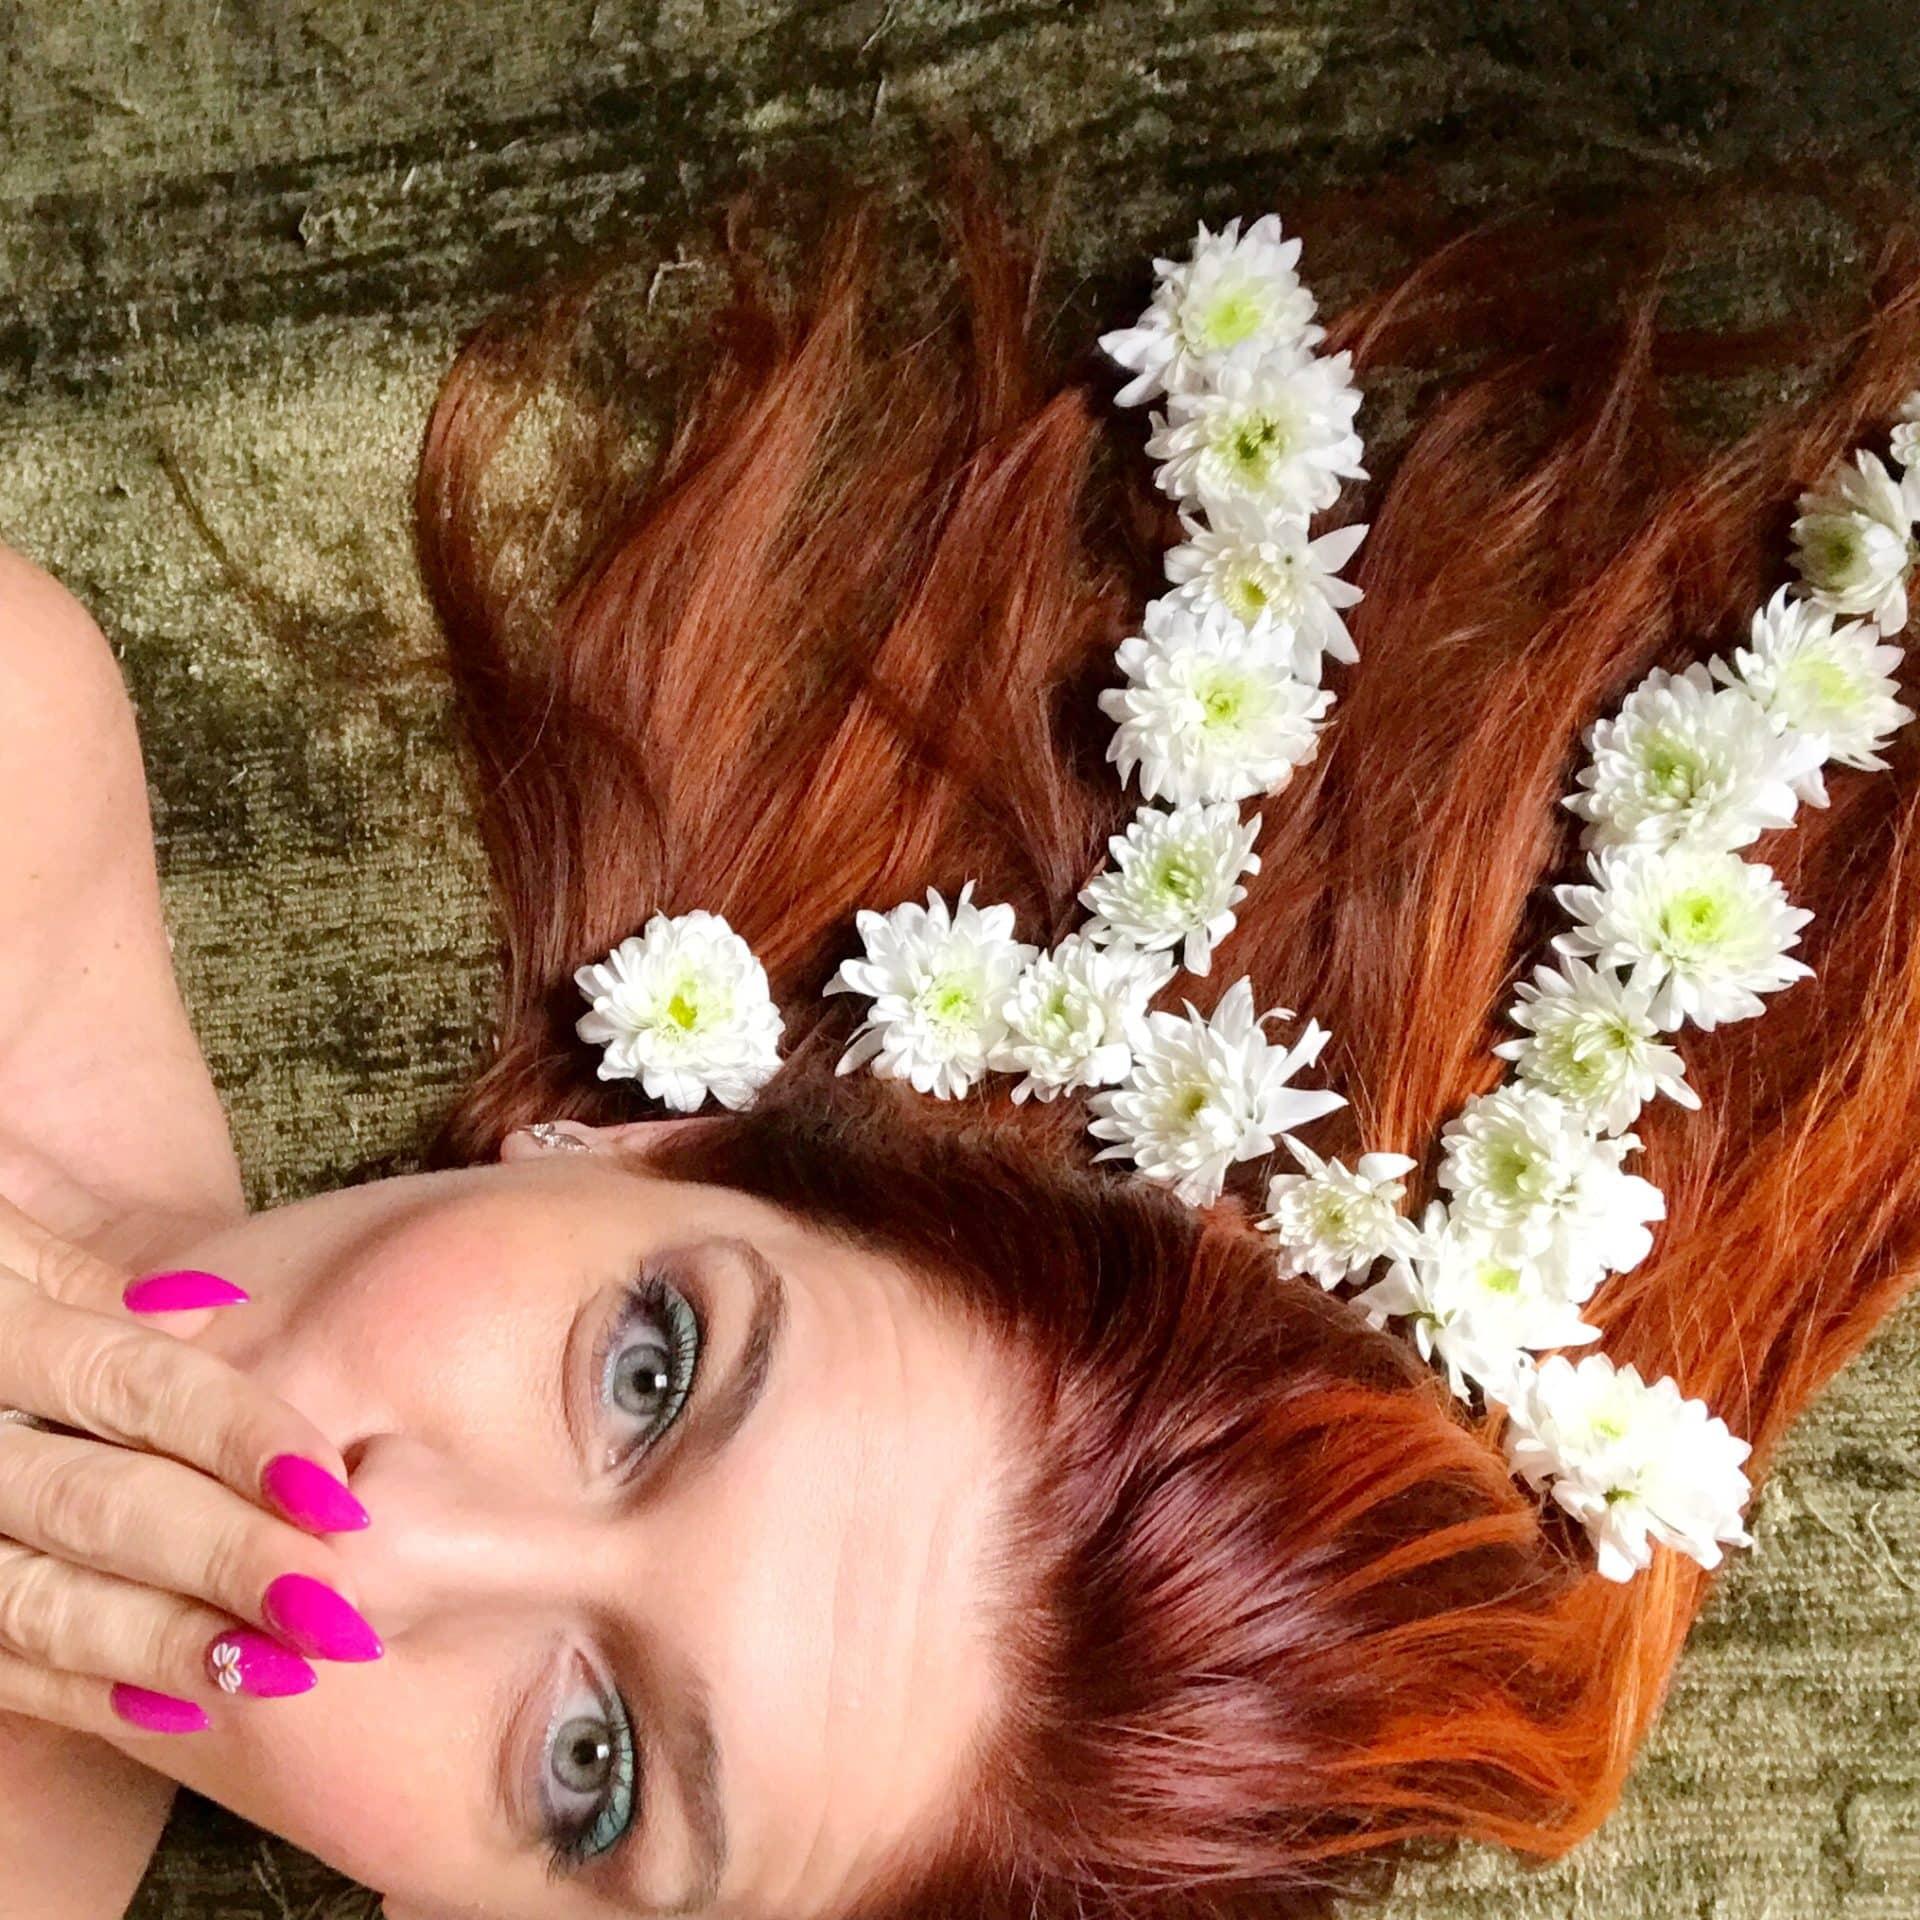 cristina-saglietti-contemporaneo-food-foodblogger-influencer-torino